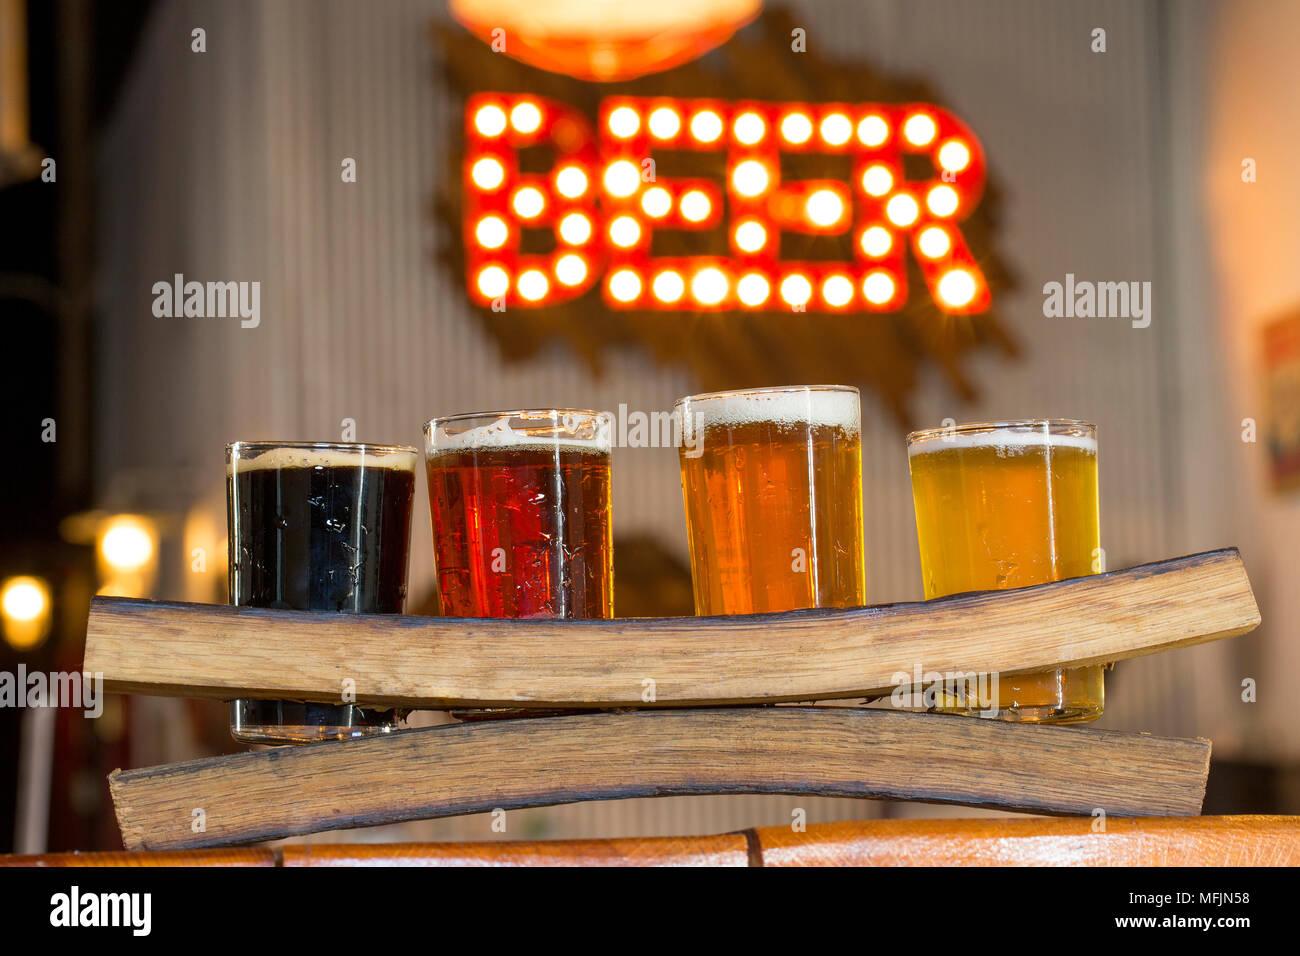 Un muestreador vuelo de cerveza en una cervecería local. Imagen De Stock